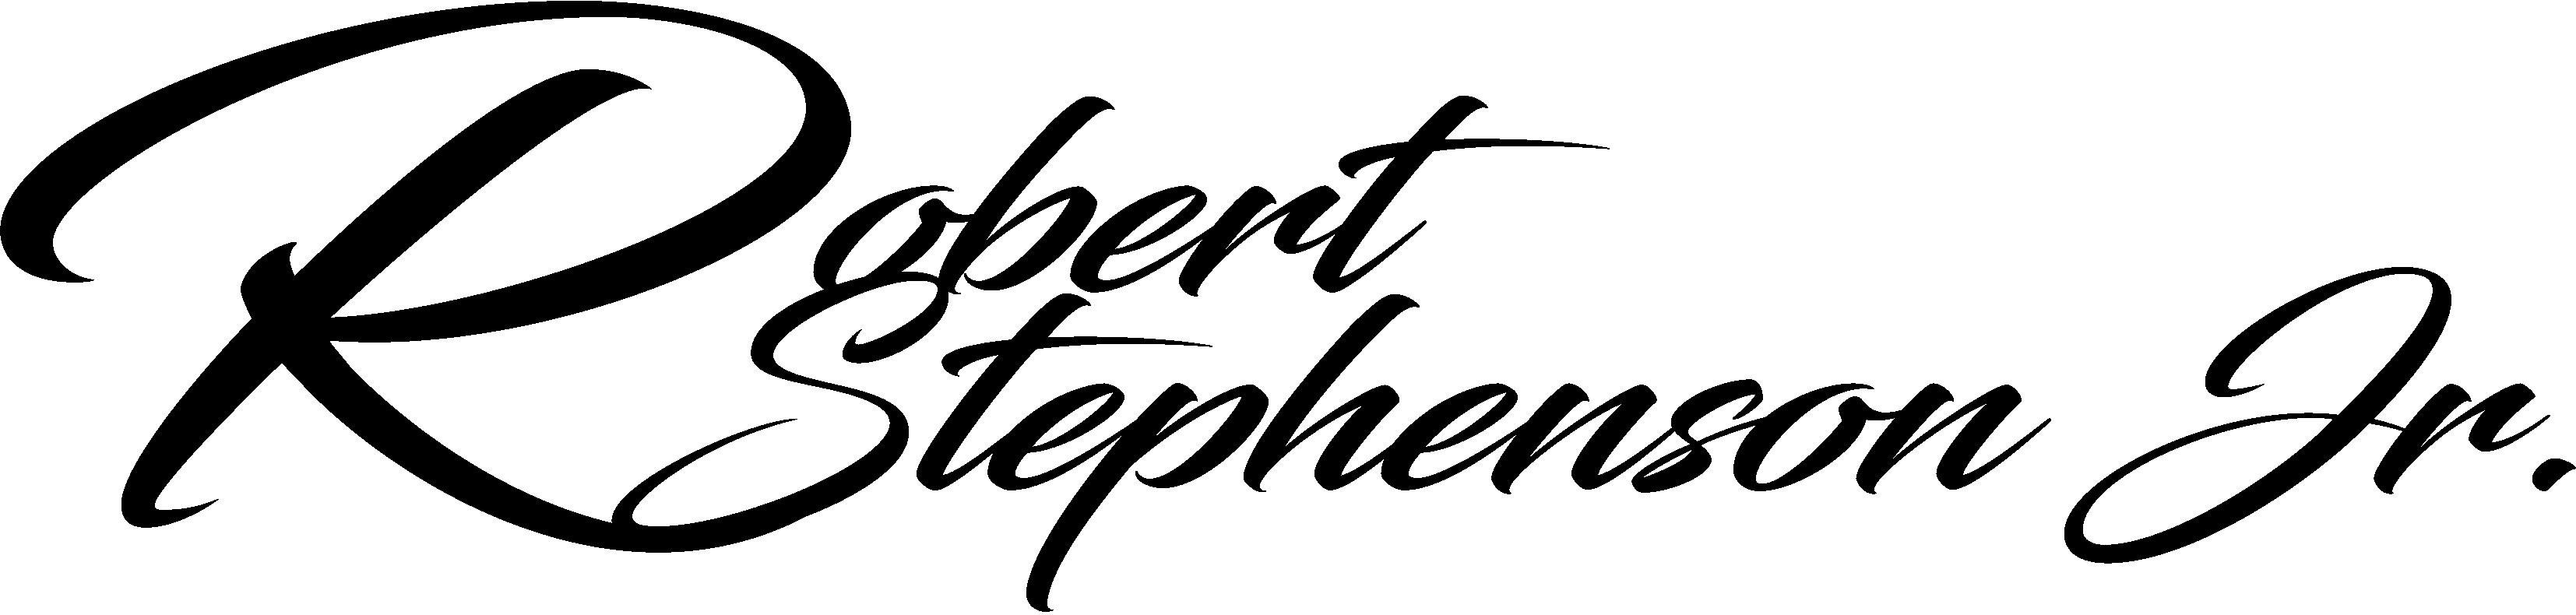 R.S. Designs's Signature